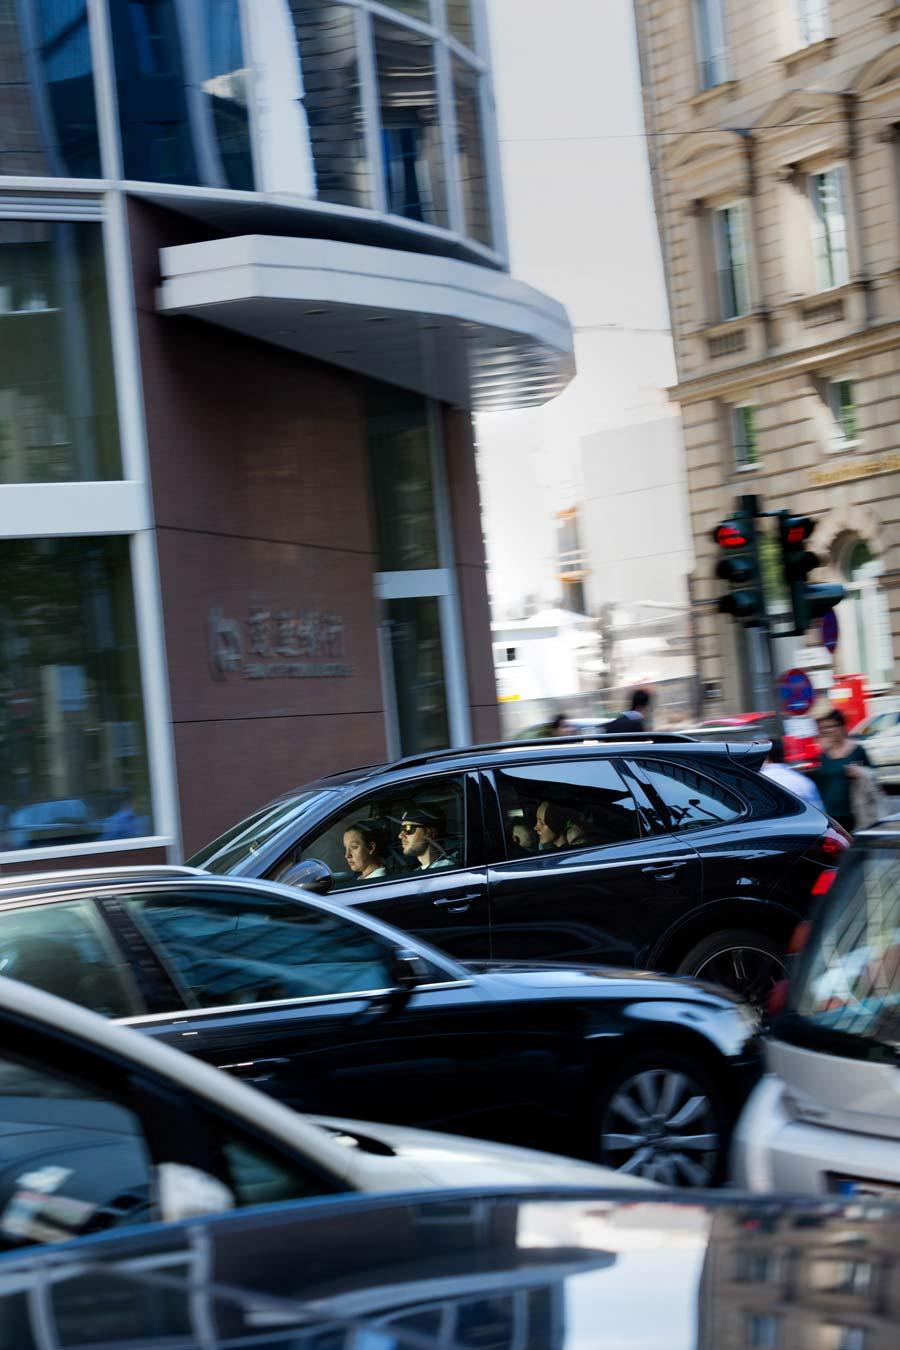 Ein Auto fährt durch das Frankfurter Bankenviertel. Im Fahrzeug sitzen ein Mann am Steuer, eine Frau auf dem Beifahrersitz und ein Mädchen auf dem Rücksitz. Alle drei sind im Schein der Sonne gut zu sehen, die wie ein Scheinwerfer ausschließlich ihre Gesichter beleuchtet; der Rest des Auto-Inneren liegt im Dunkeln.